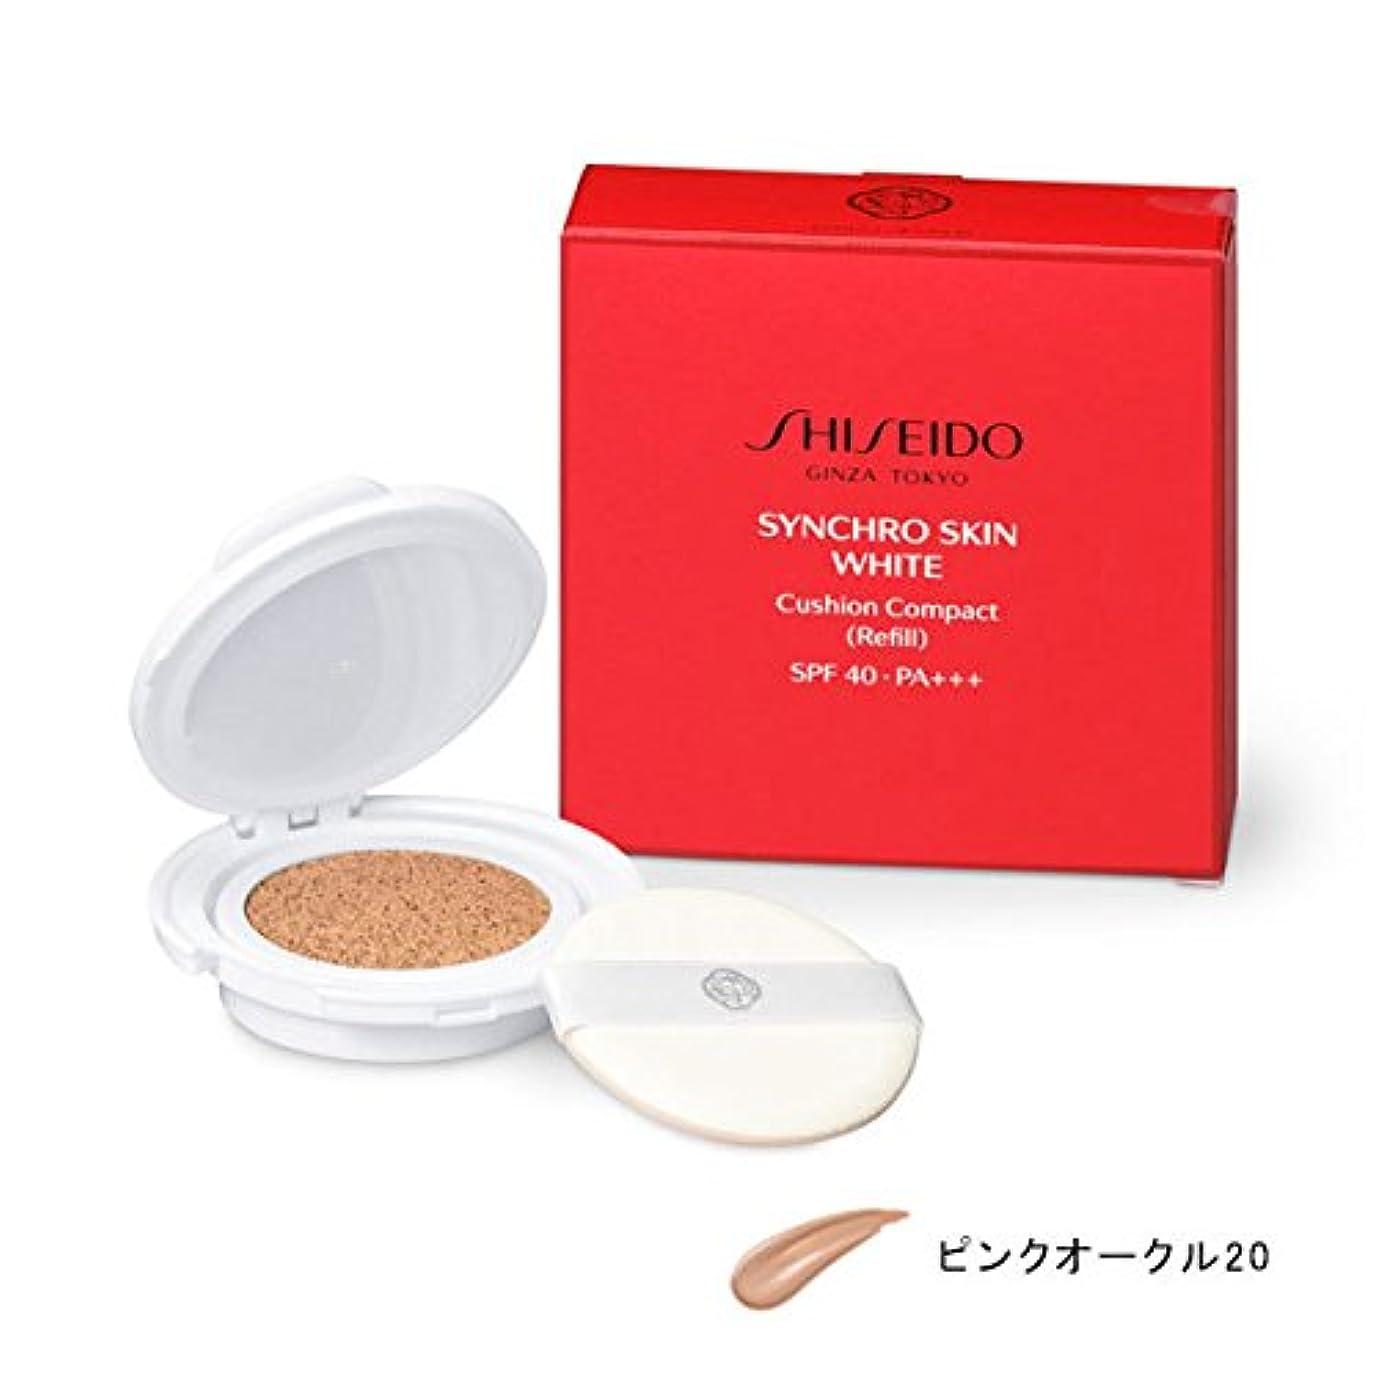 反発前方へソブリケットSHISEIDO Makeup(資生堂 メーキャップ) SHISEIDO(資生堂) シンクロスキン ホワイト クッションコンパクト WT レフィル(医薬部外品) (オークル20)